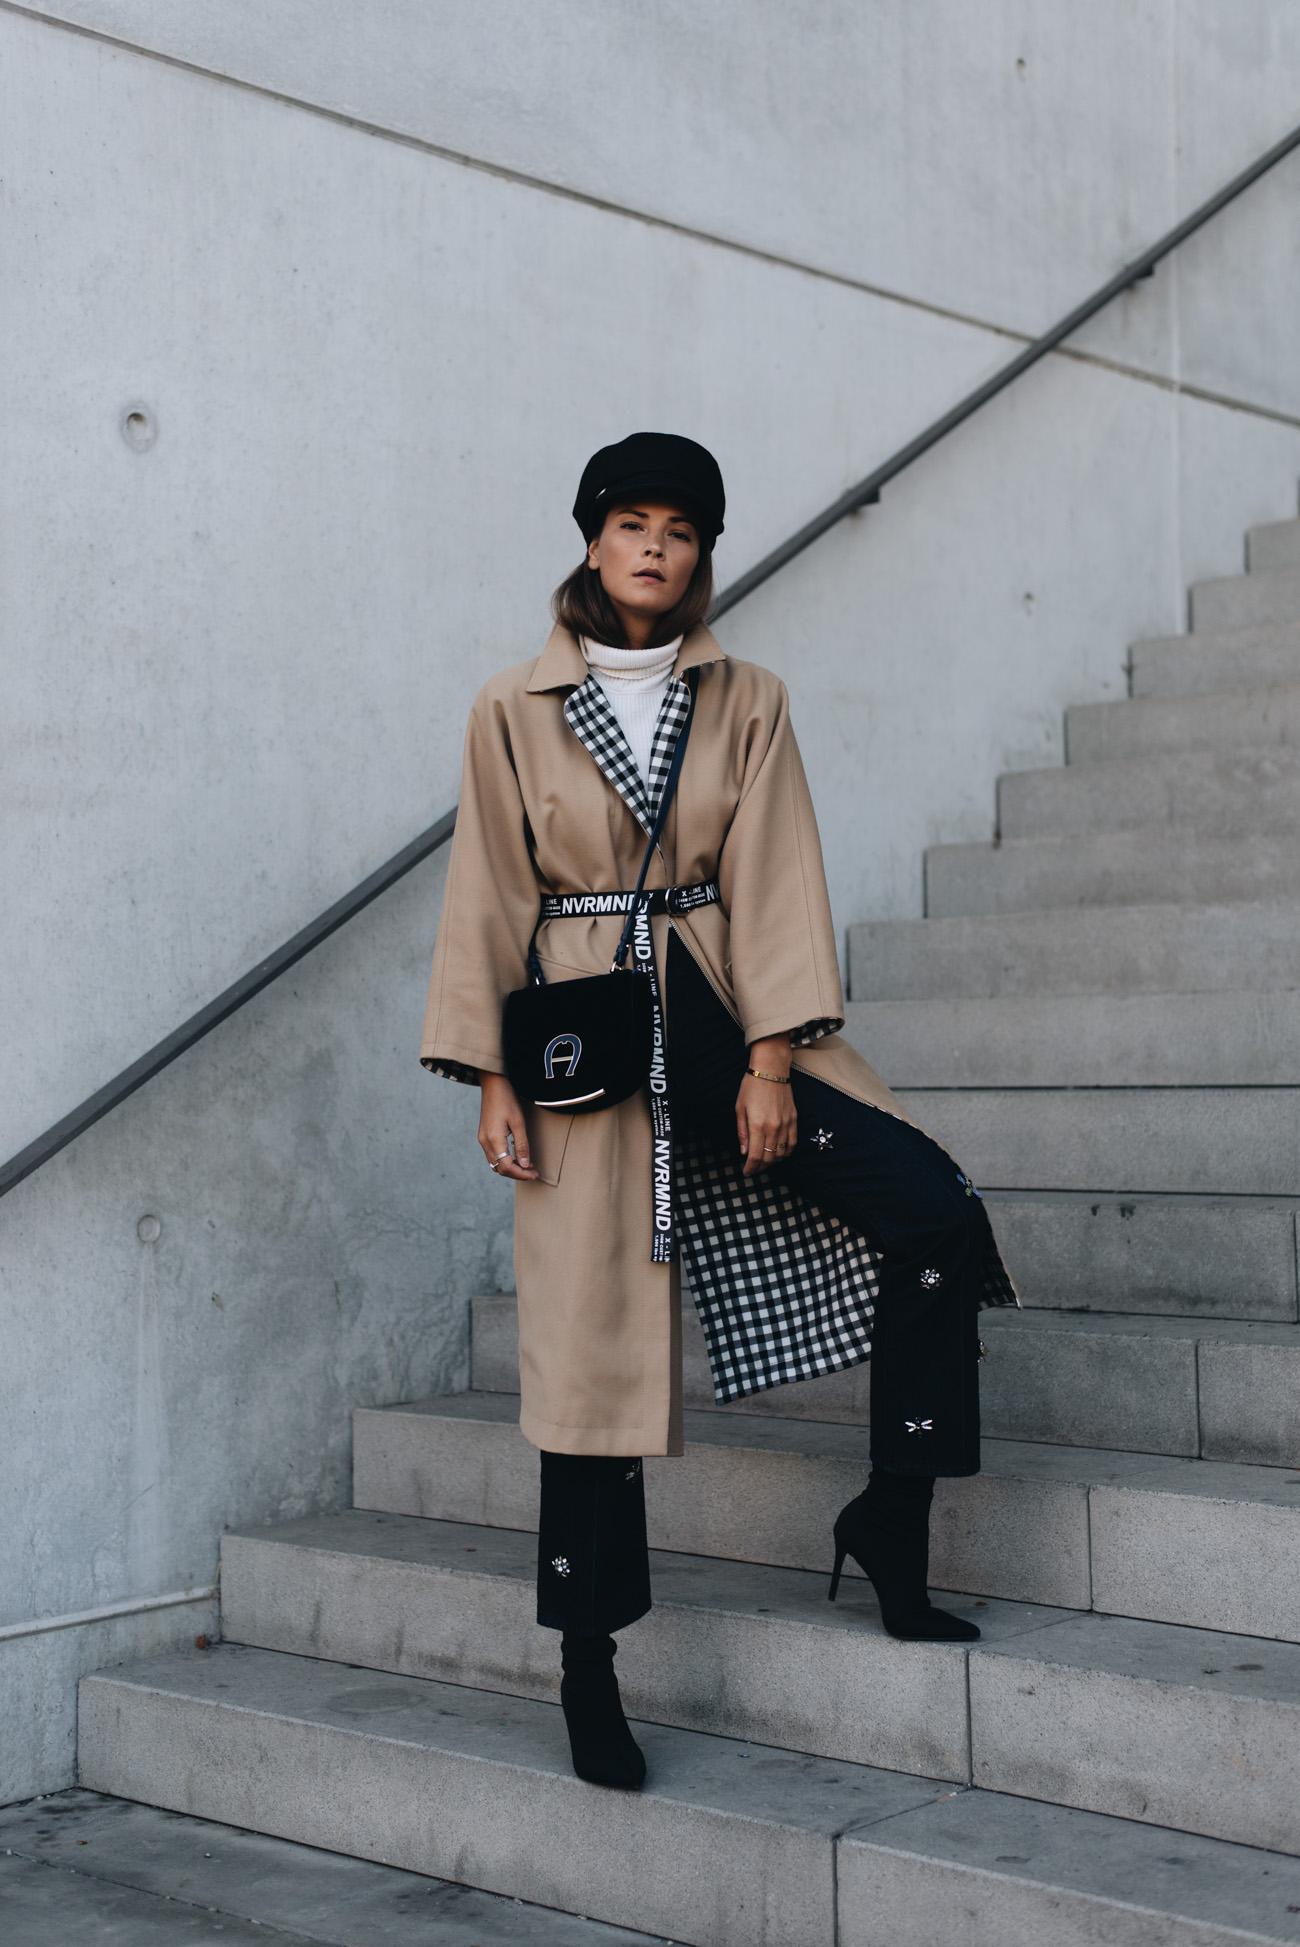 mode-trends-herbst-und-winter-2017-strick-oversize-woll-jogginghose-marc-cain-sock-boots-fashion-blogger-deutschland-nina-schwichtenberg